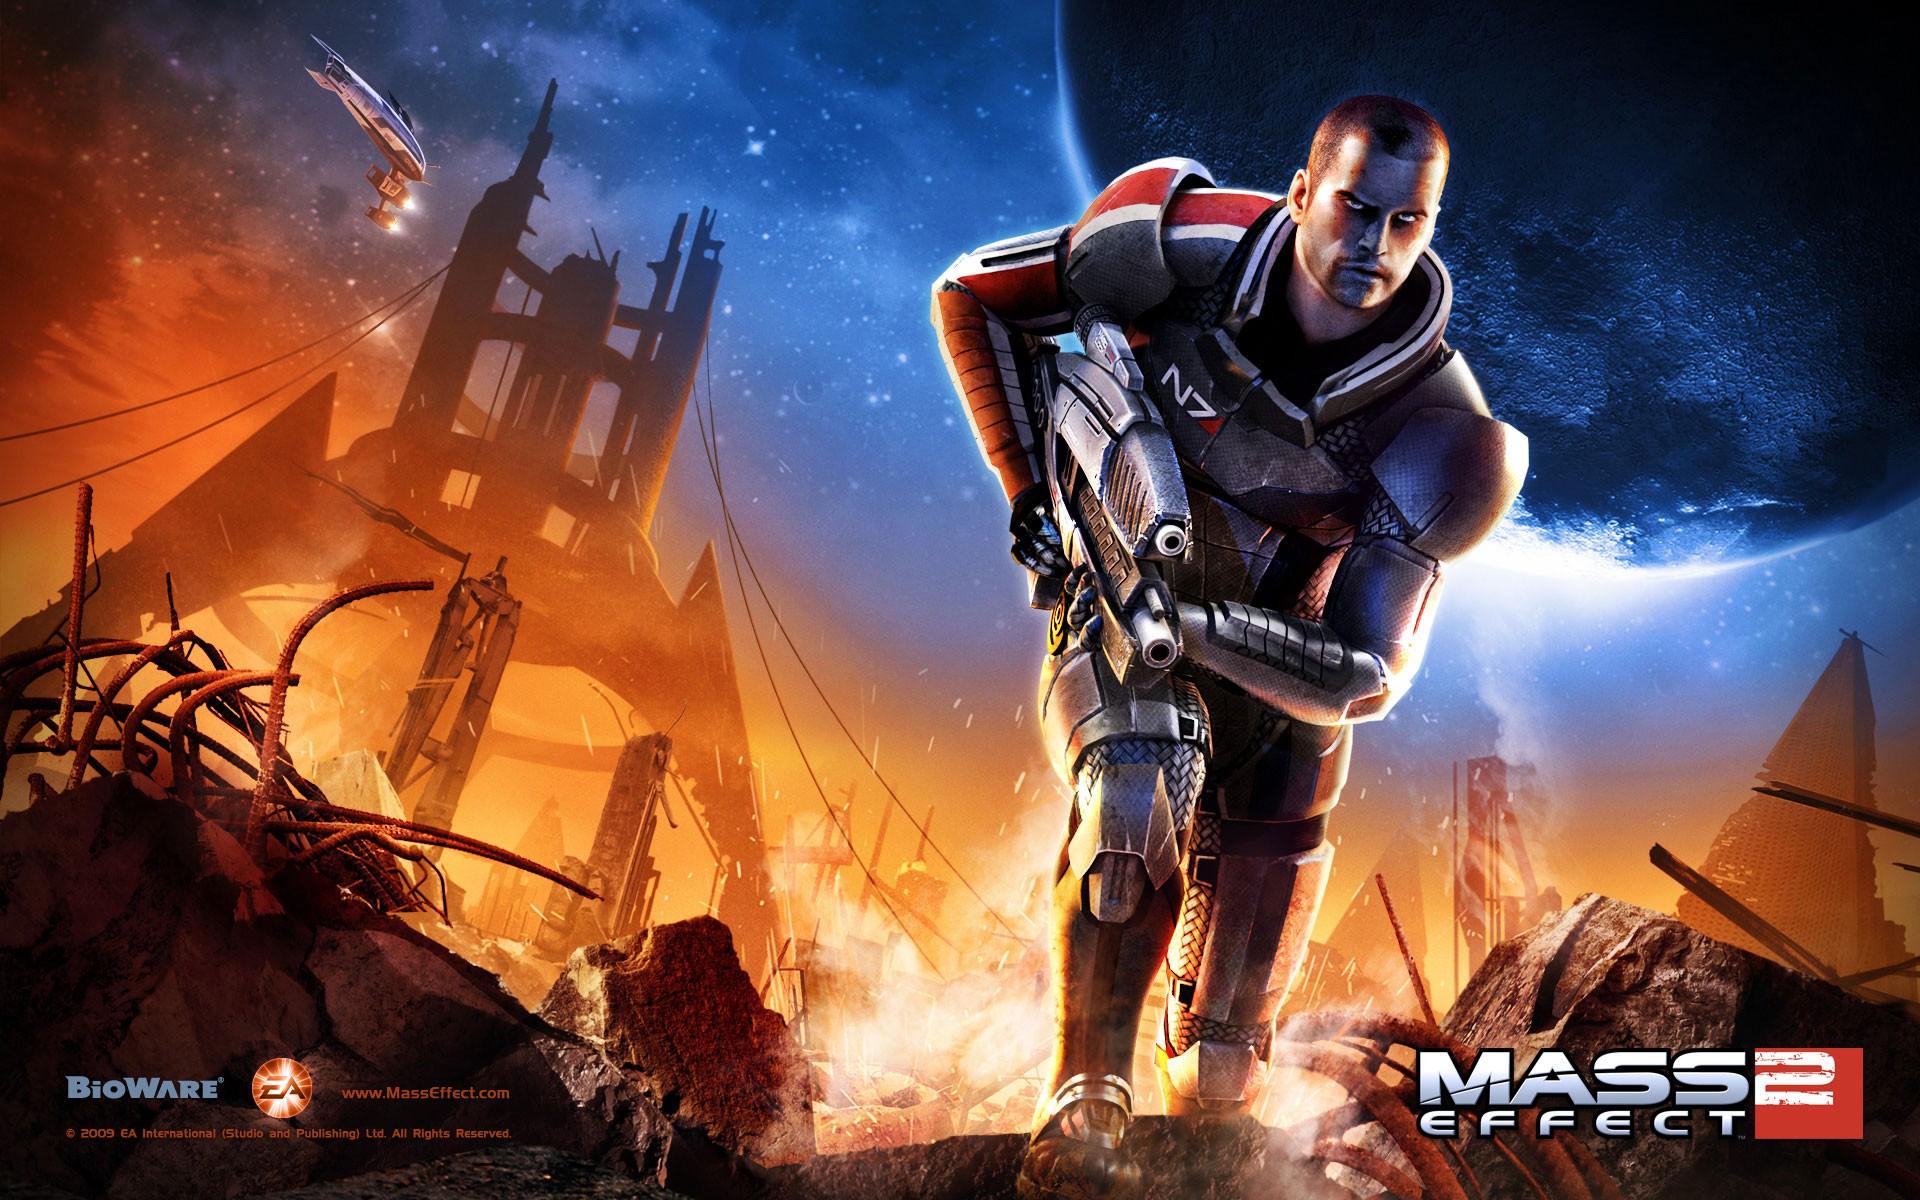 9. Mass Effect 2 -